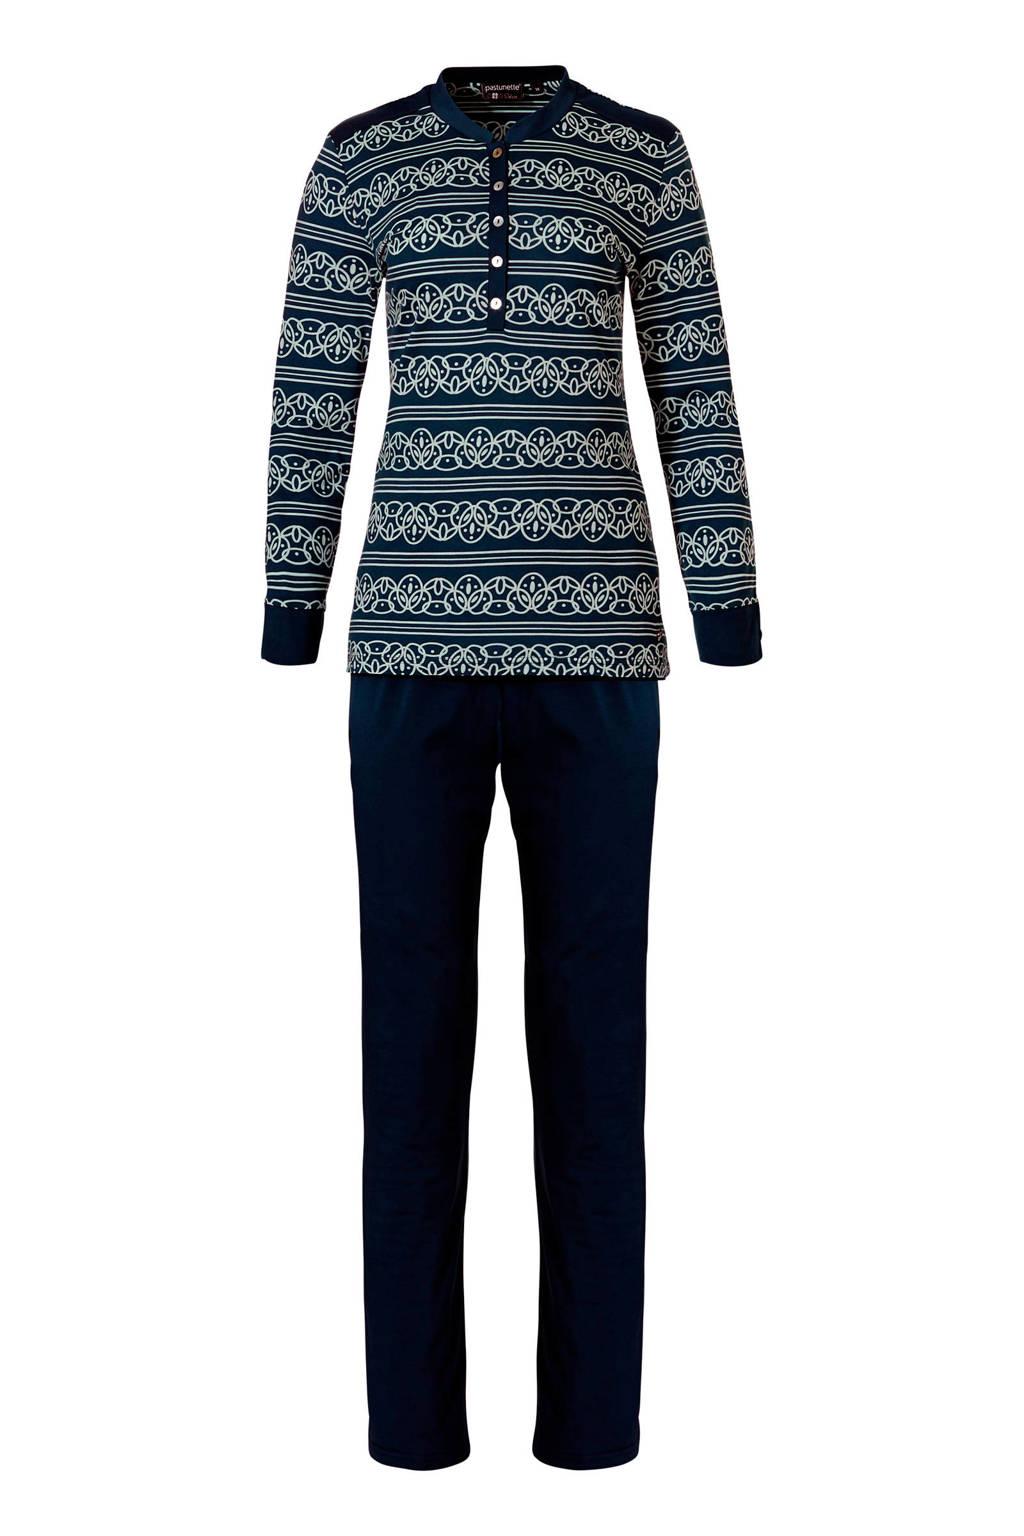 Pastunette Deluxe pyjama met all over print donkerblauw, Donkerblauw